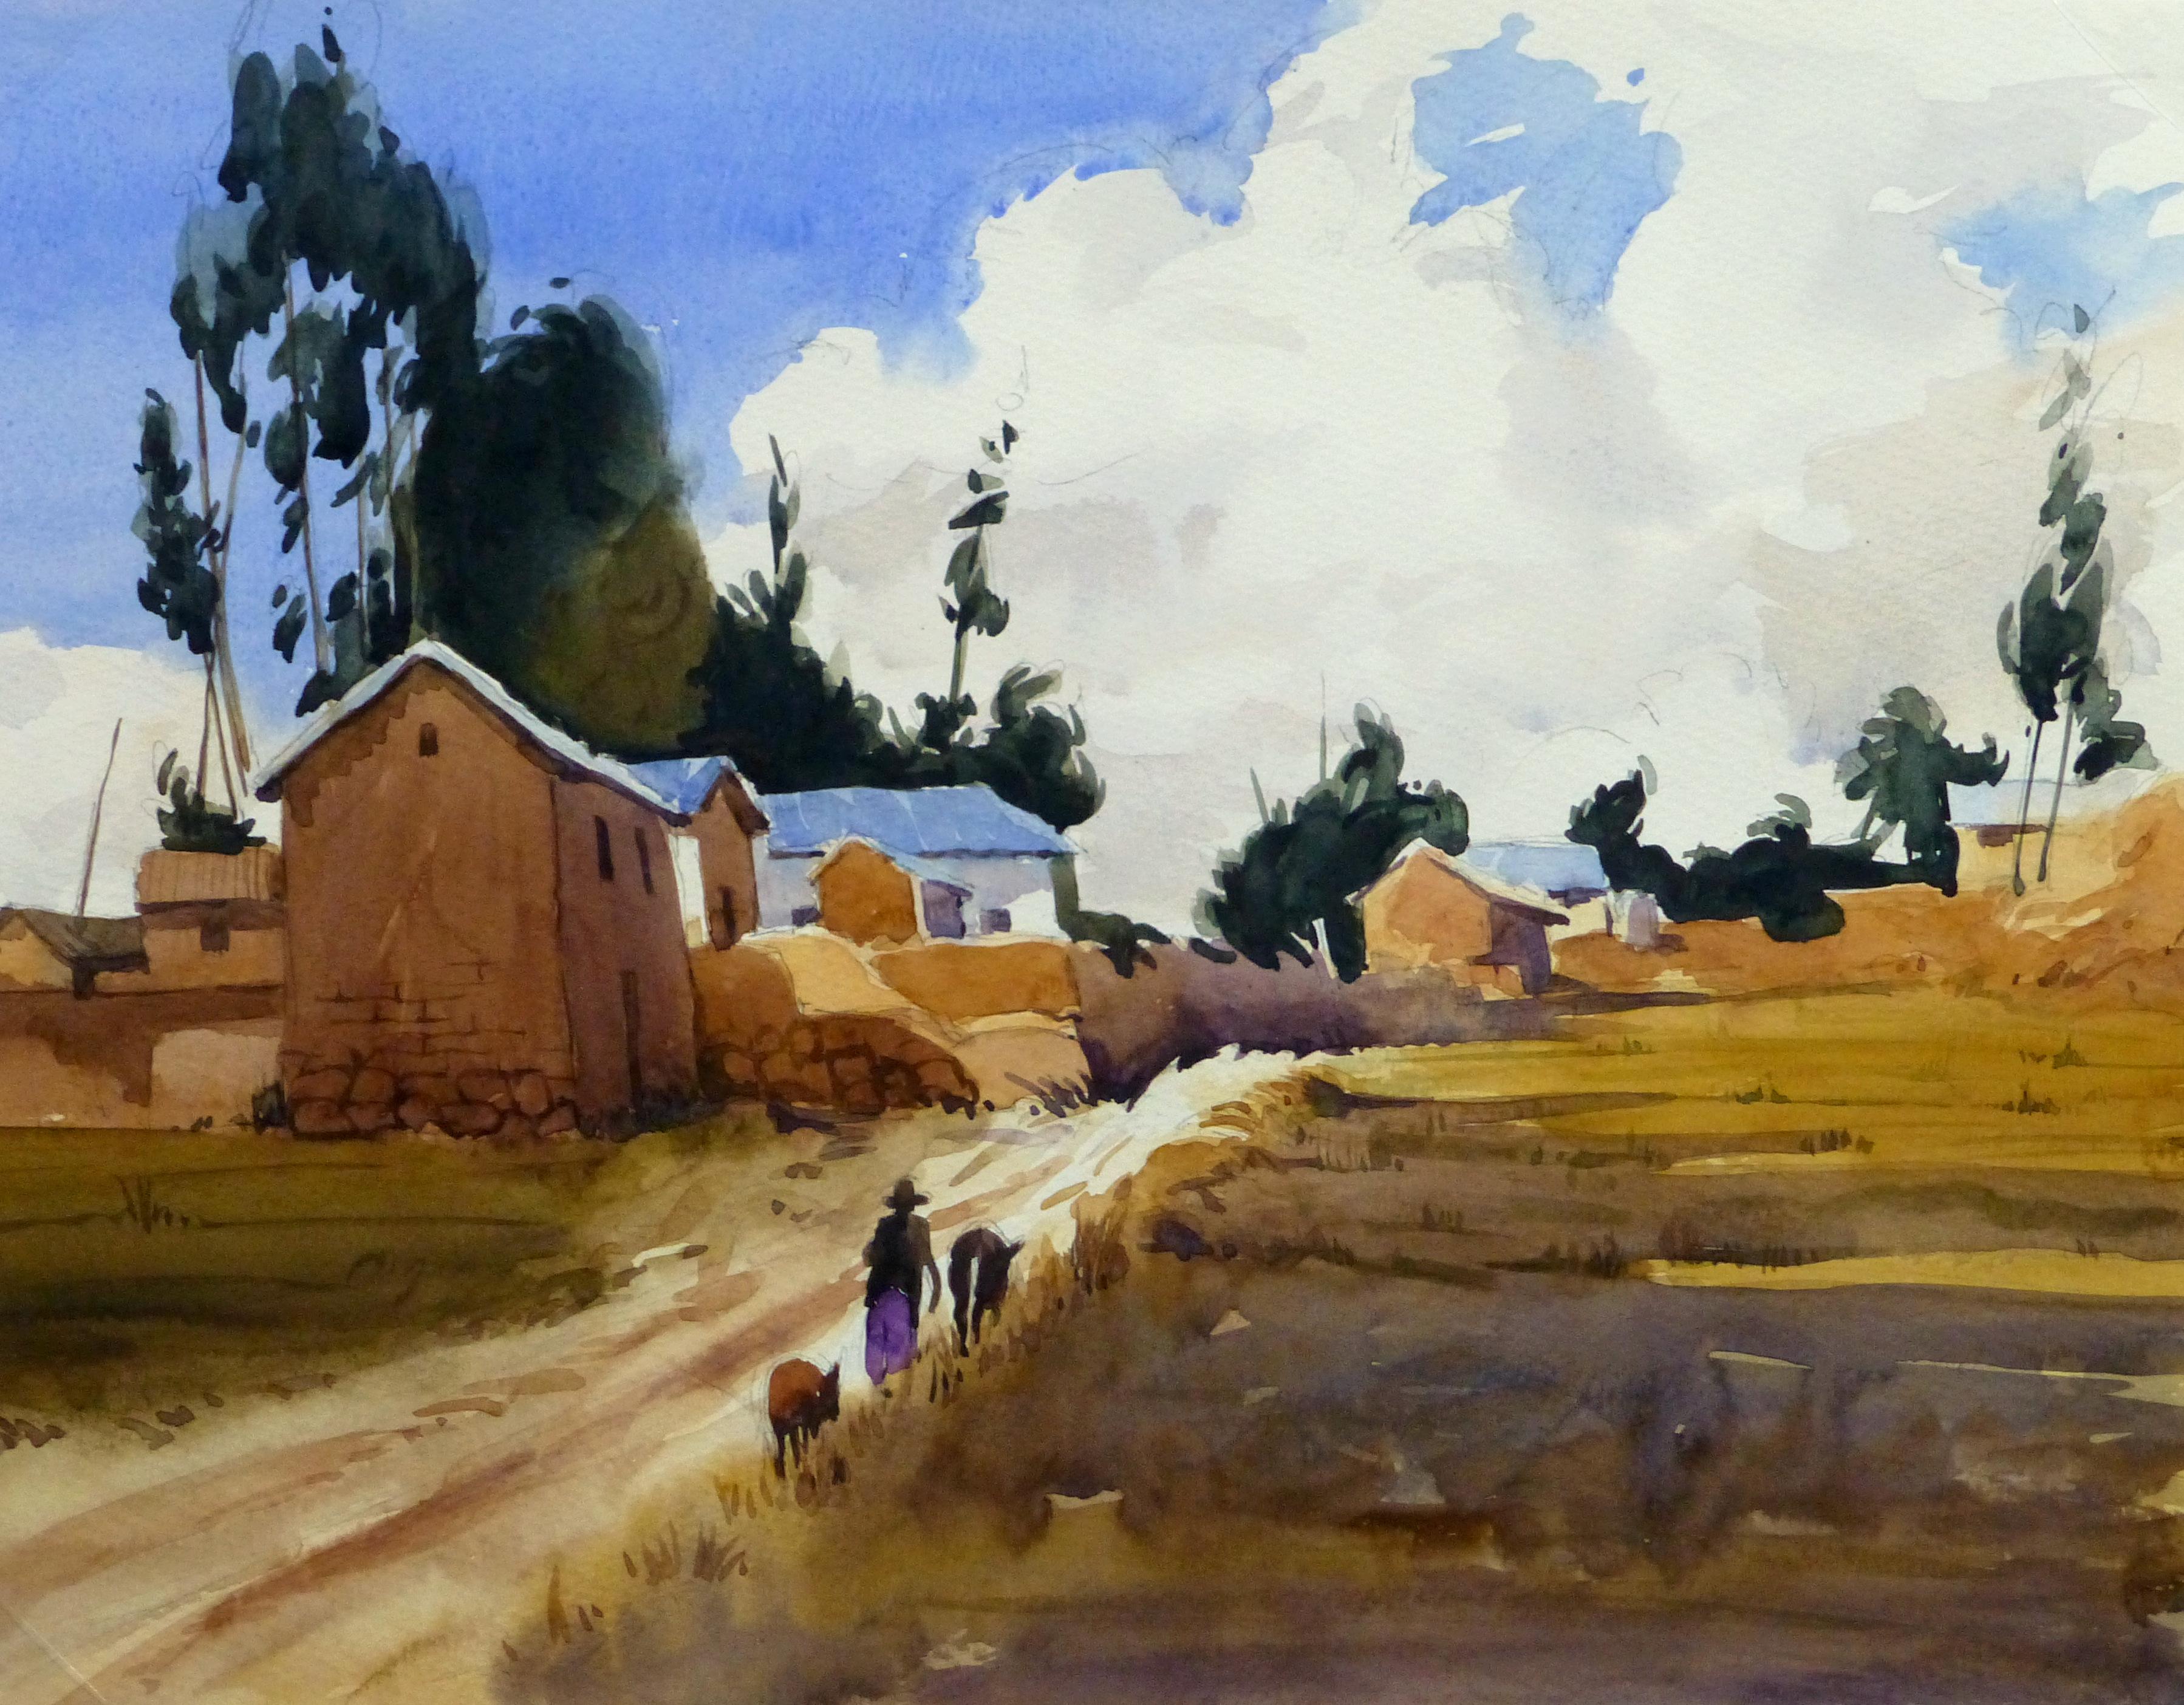 Watercolor Landscape - Rural Village, 2011-main-10532M